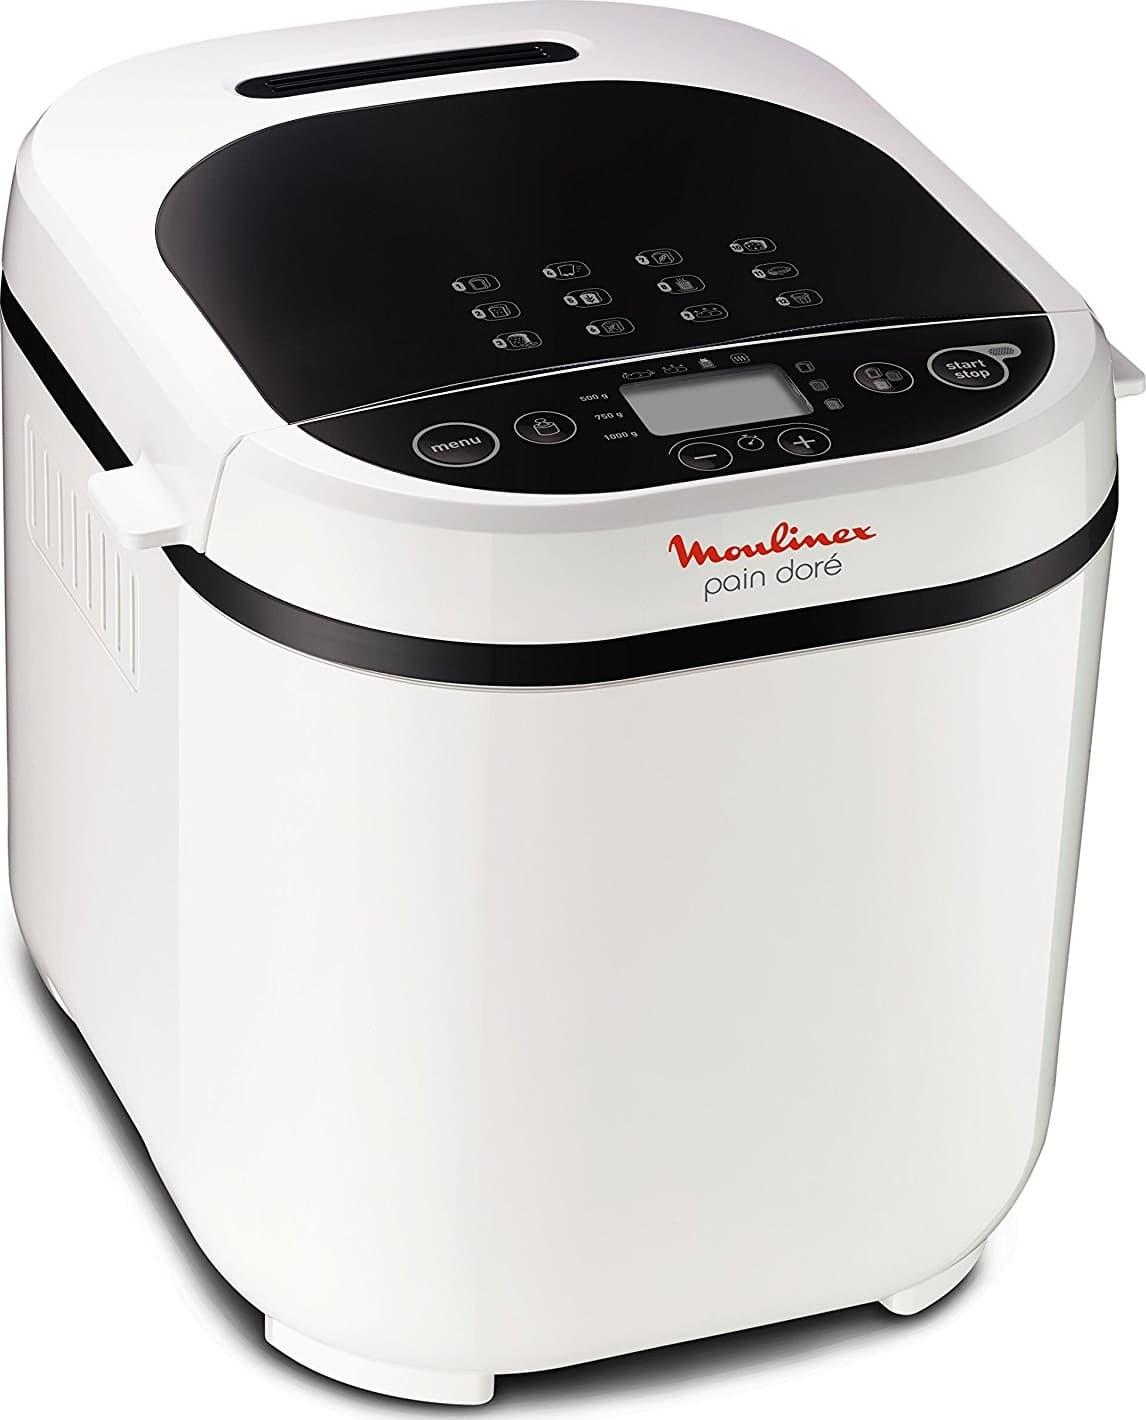 Machine à pain Moulinex OW21030